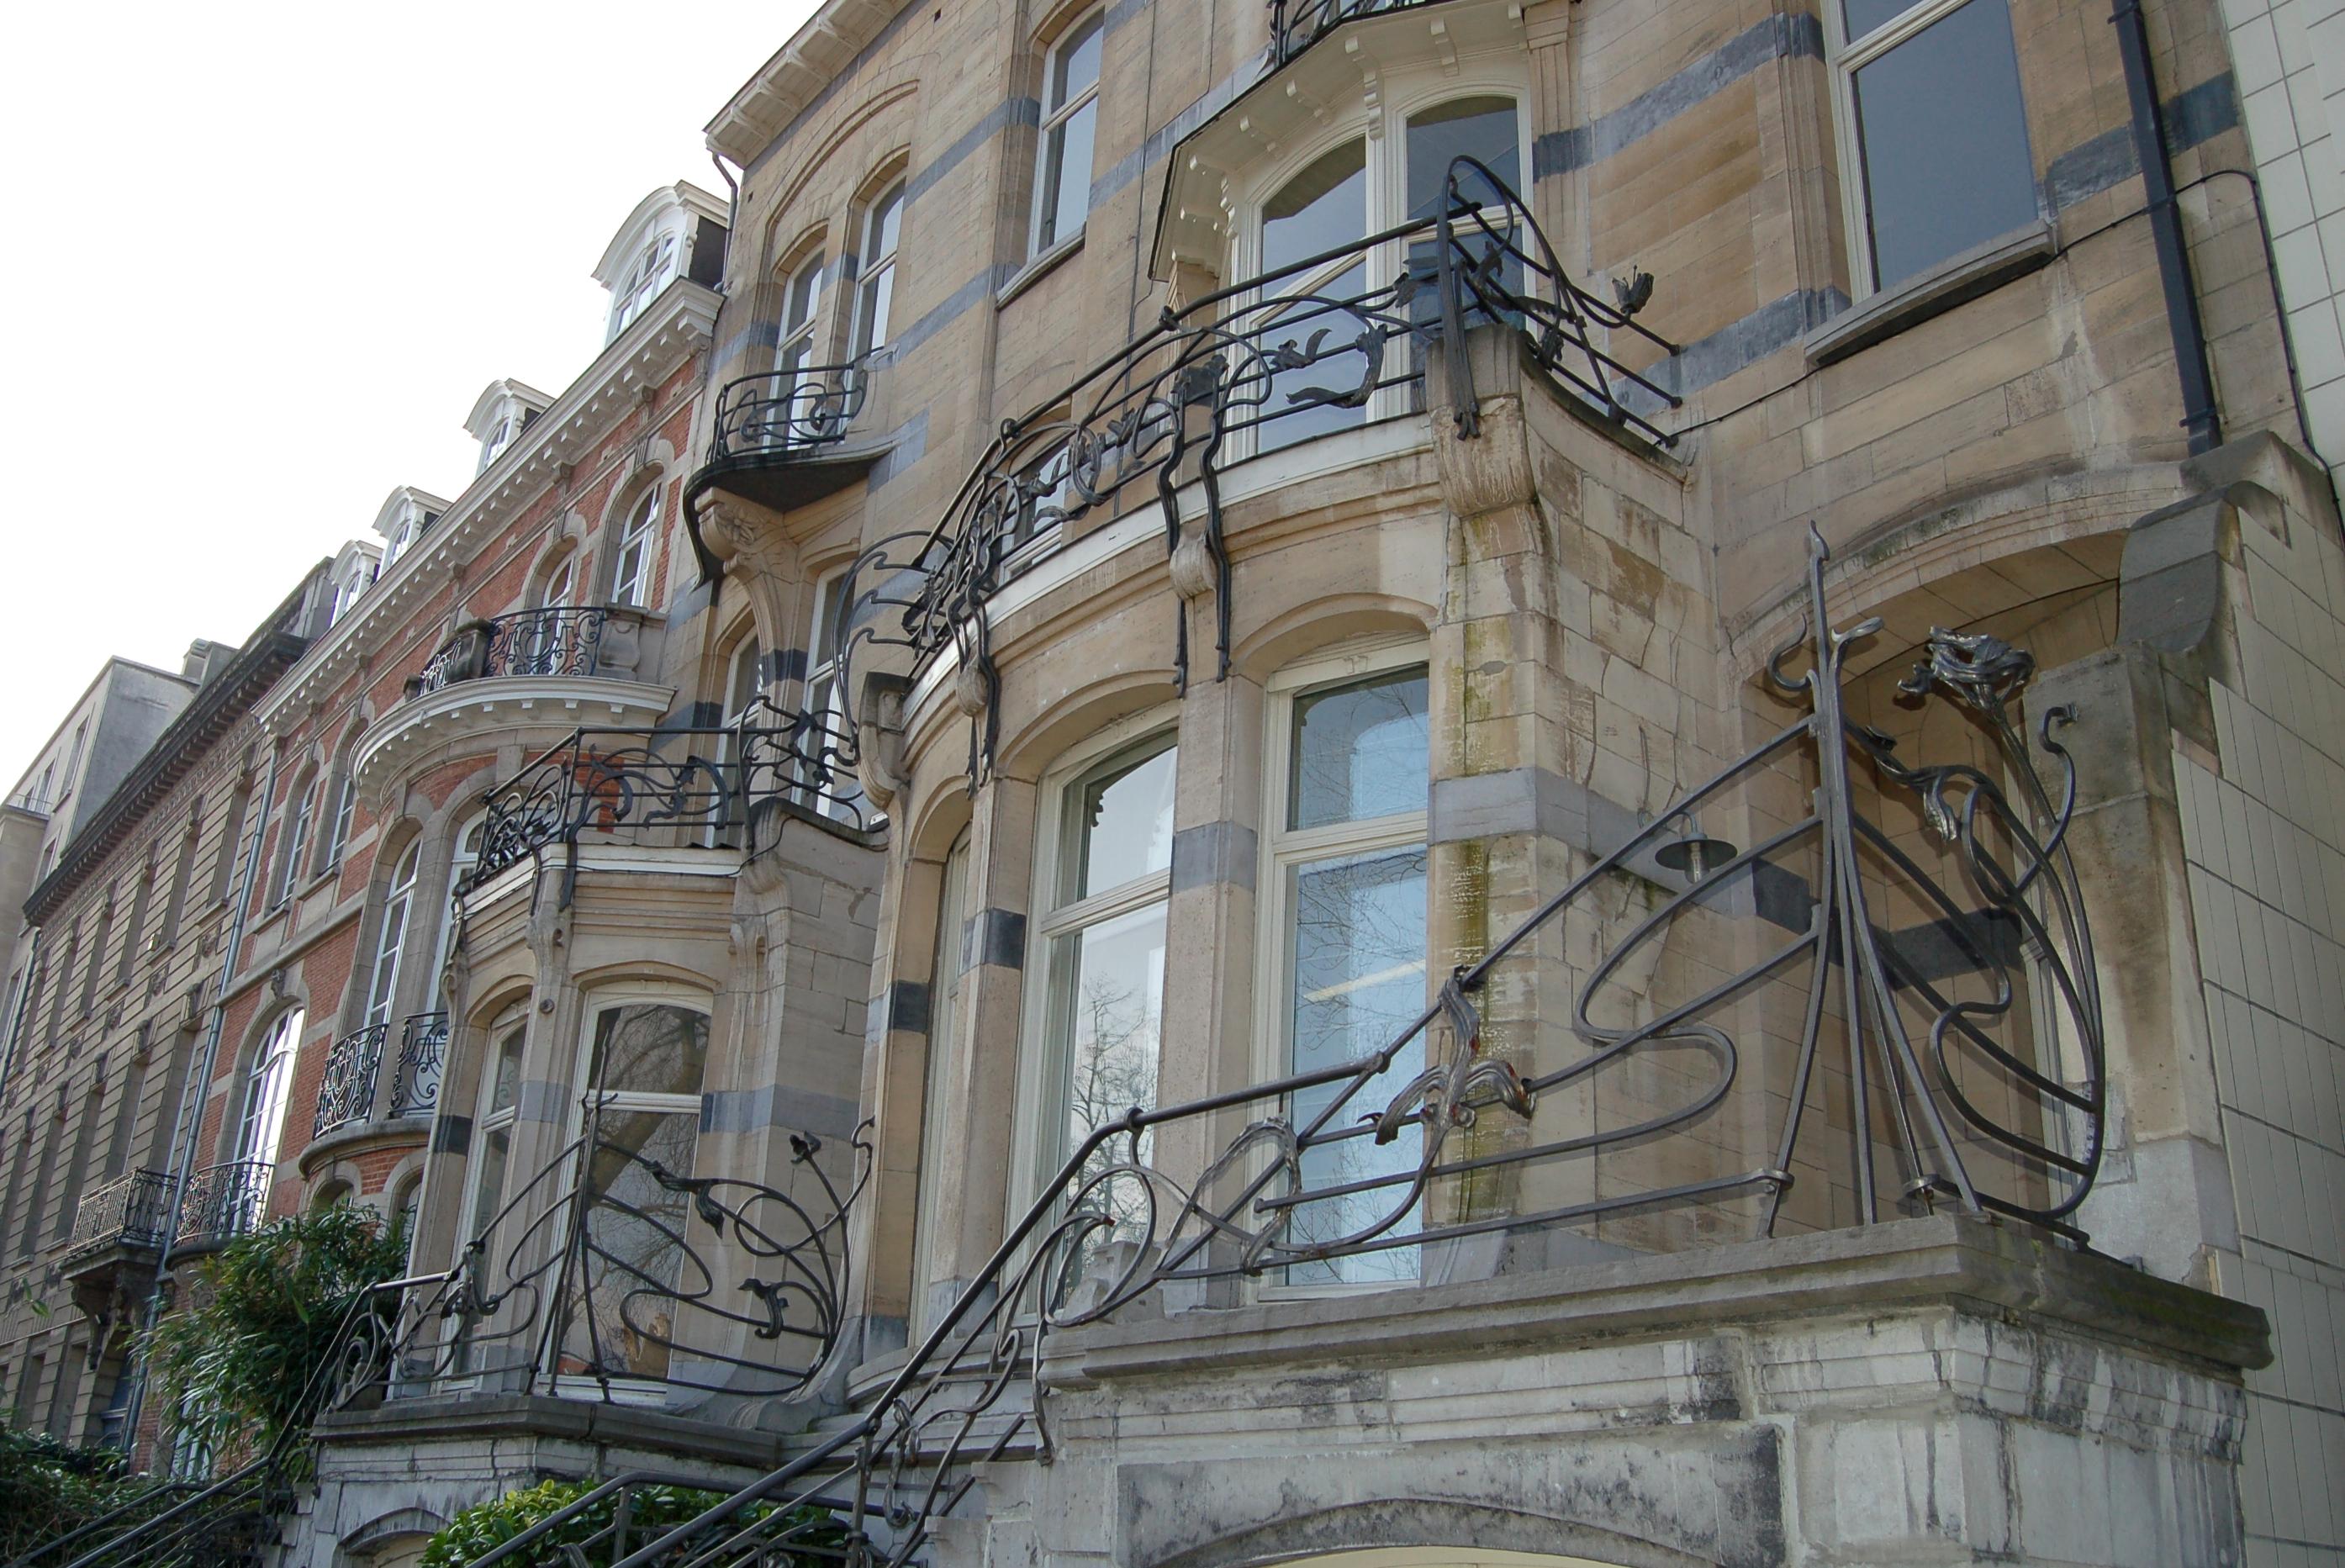 Brussels Art Nouveau Masterpieces Tammy Tour Guide